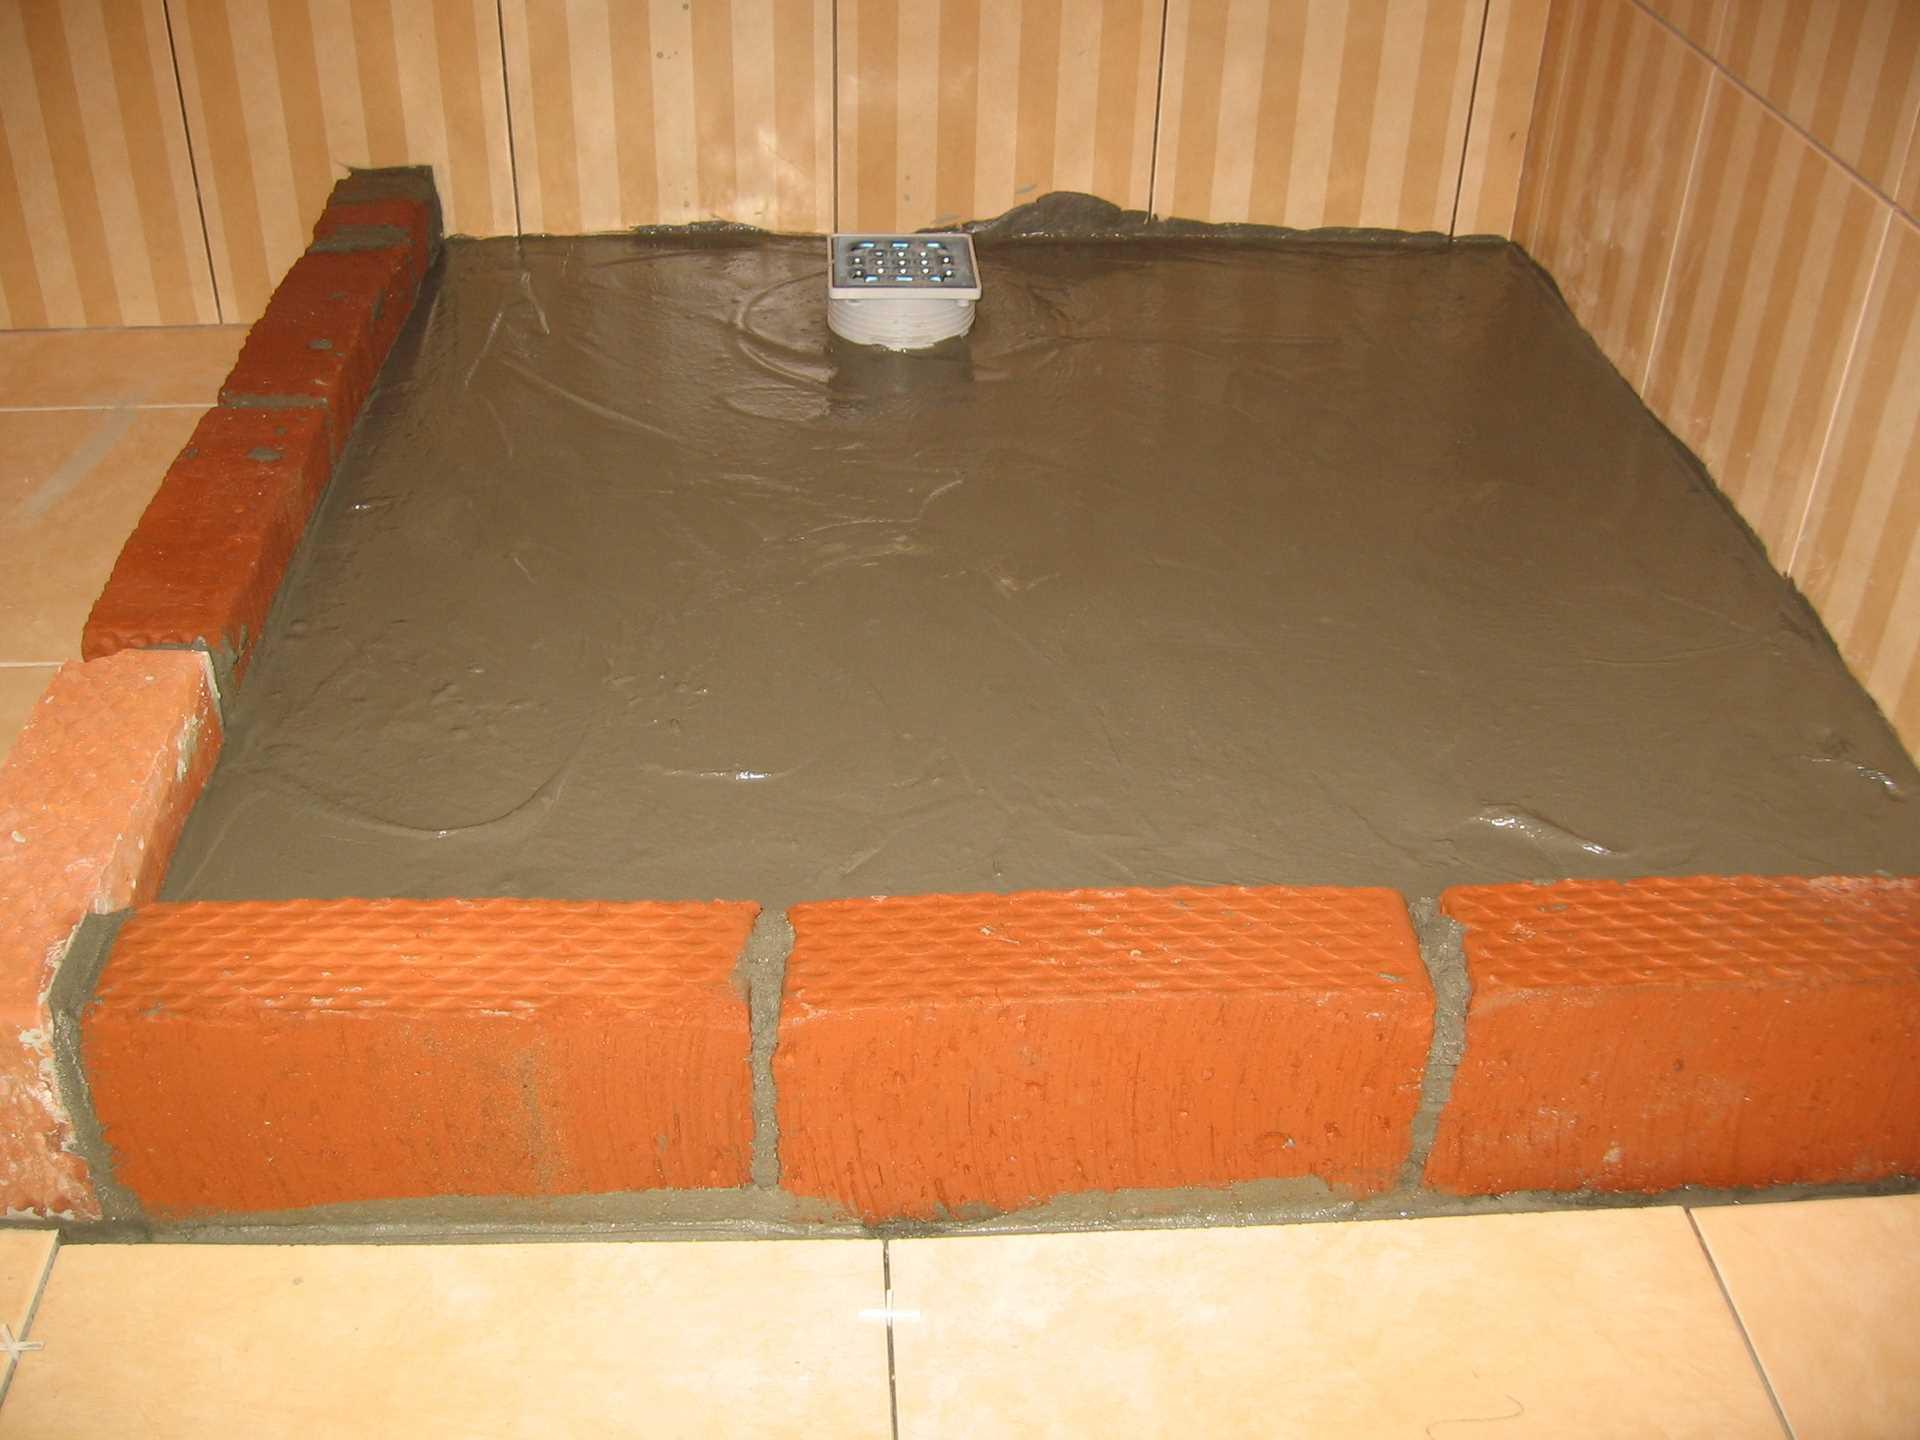 вариант гидроизоляции трапа в полу ванной комнаты литьем с поддоном